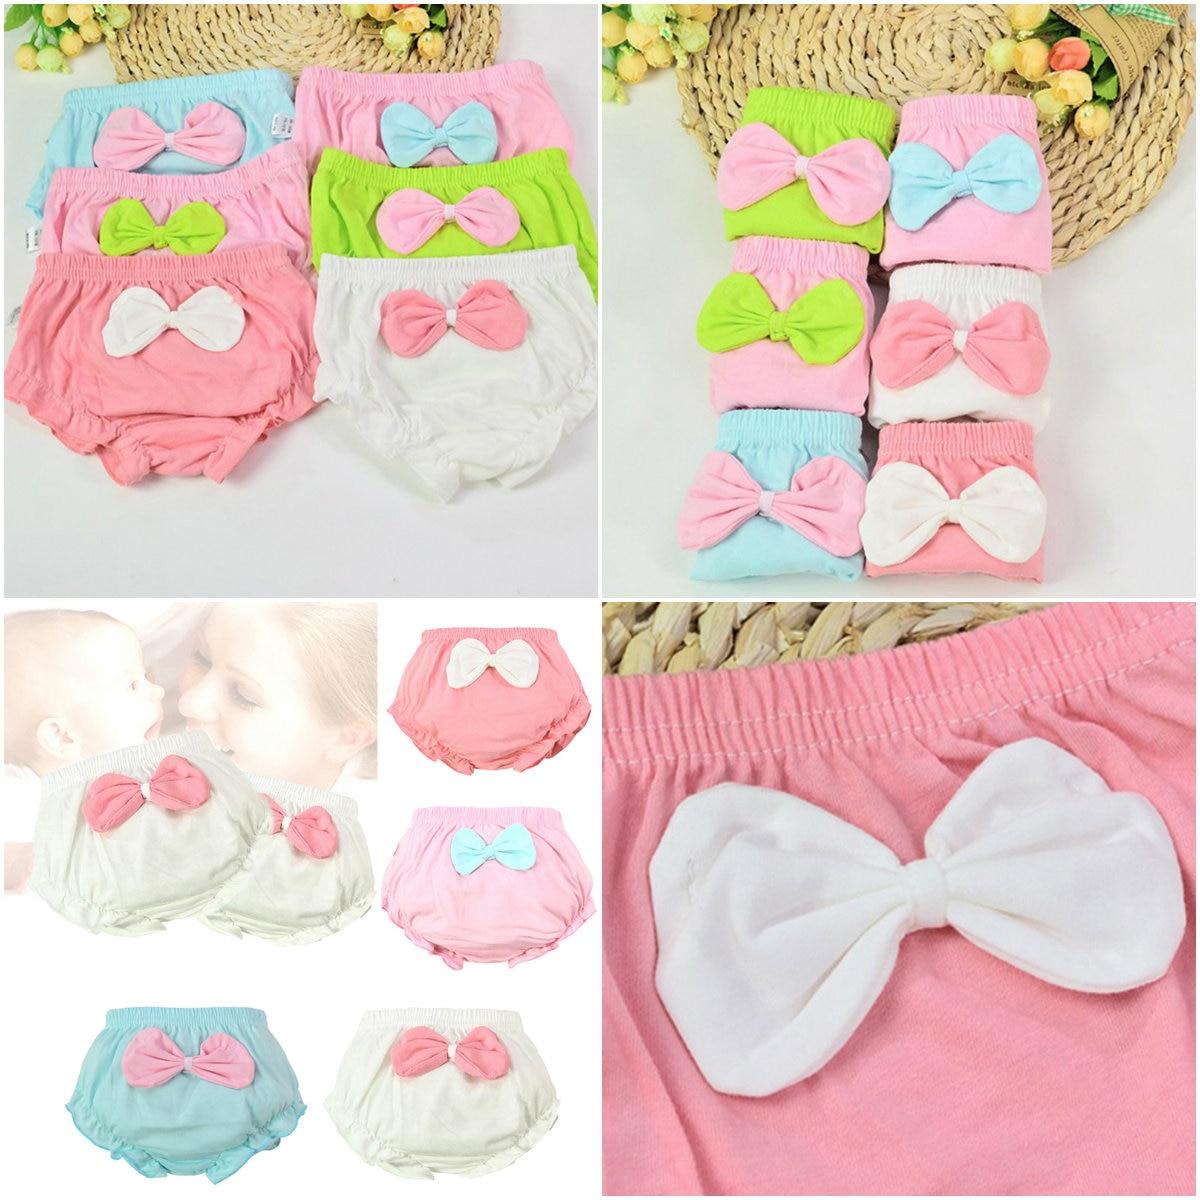 Ropa interior de algodón con lazo grande para niños, 1 unidad, 4 colores, ropa interior, pantalones cortos infantiles para niños, regalos